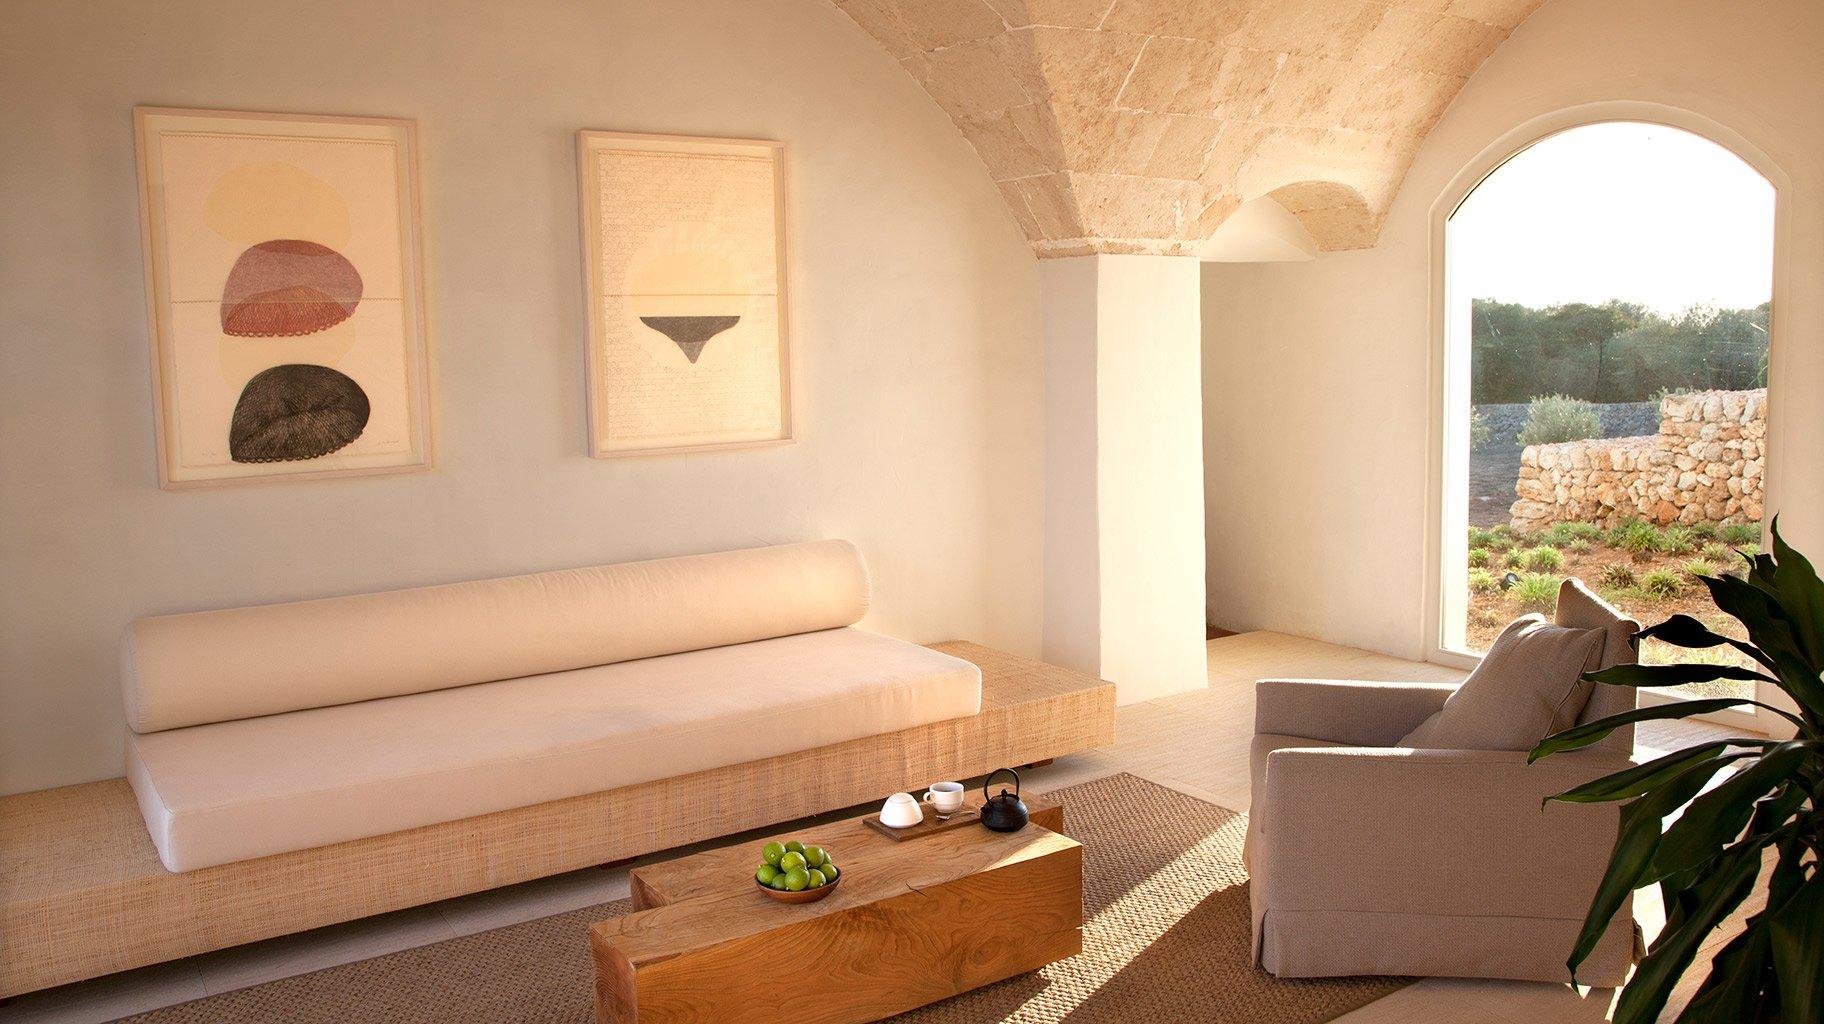 Decoración boho chic zona común Hotel Torralnenc Menorca, Deco Diván de decotherapy